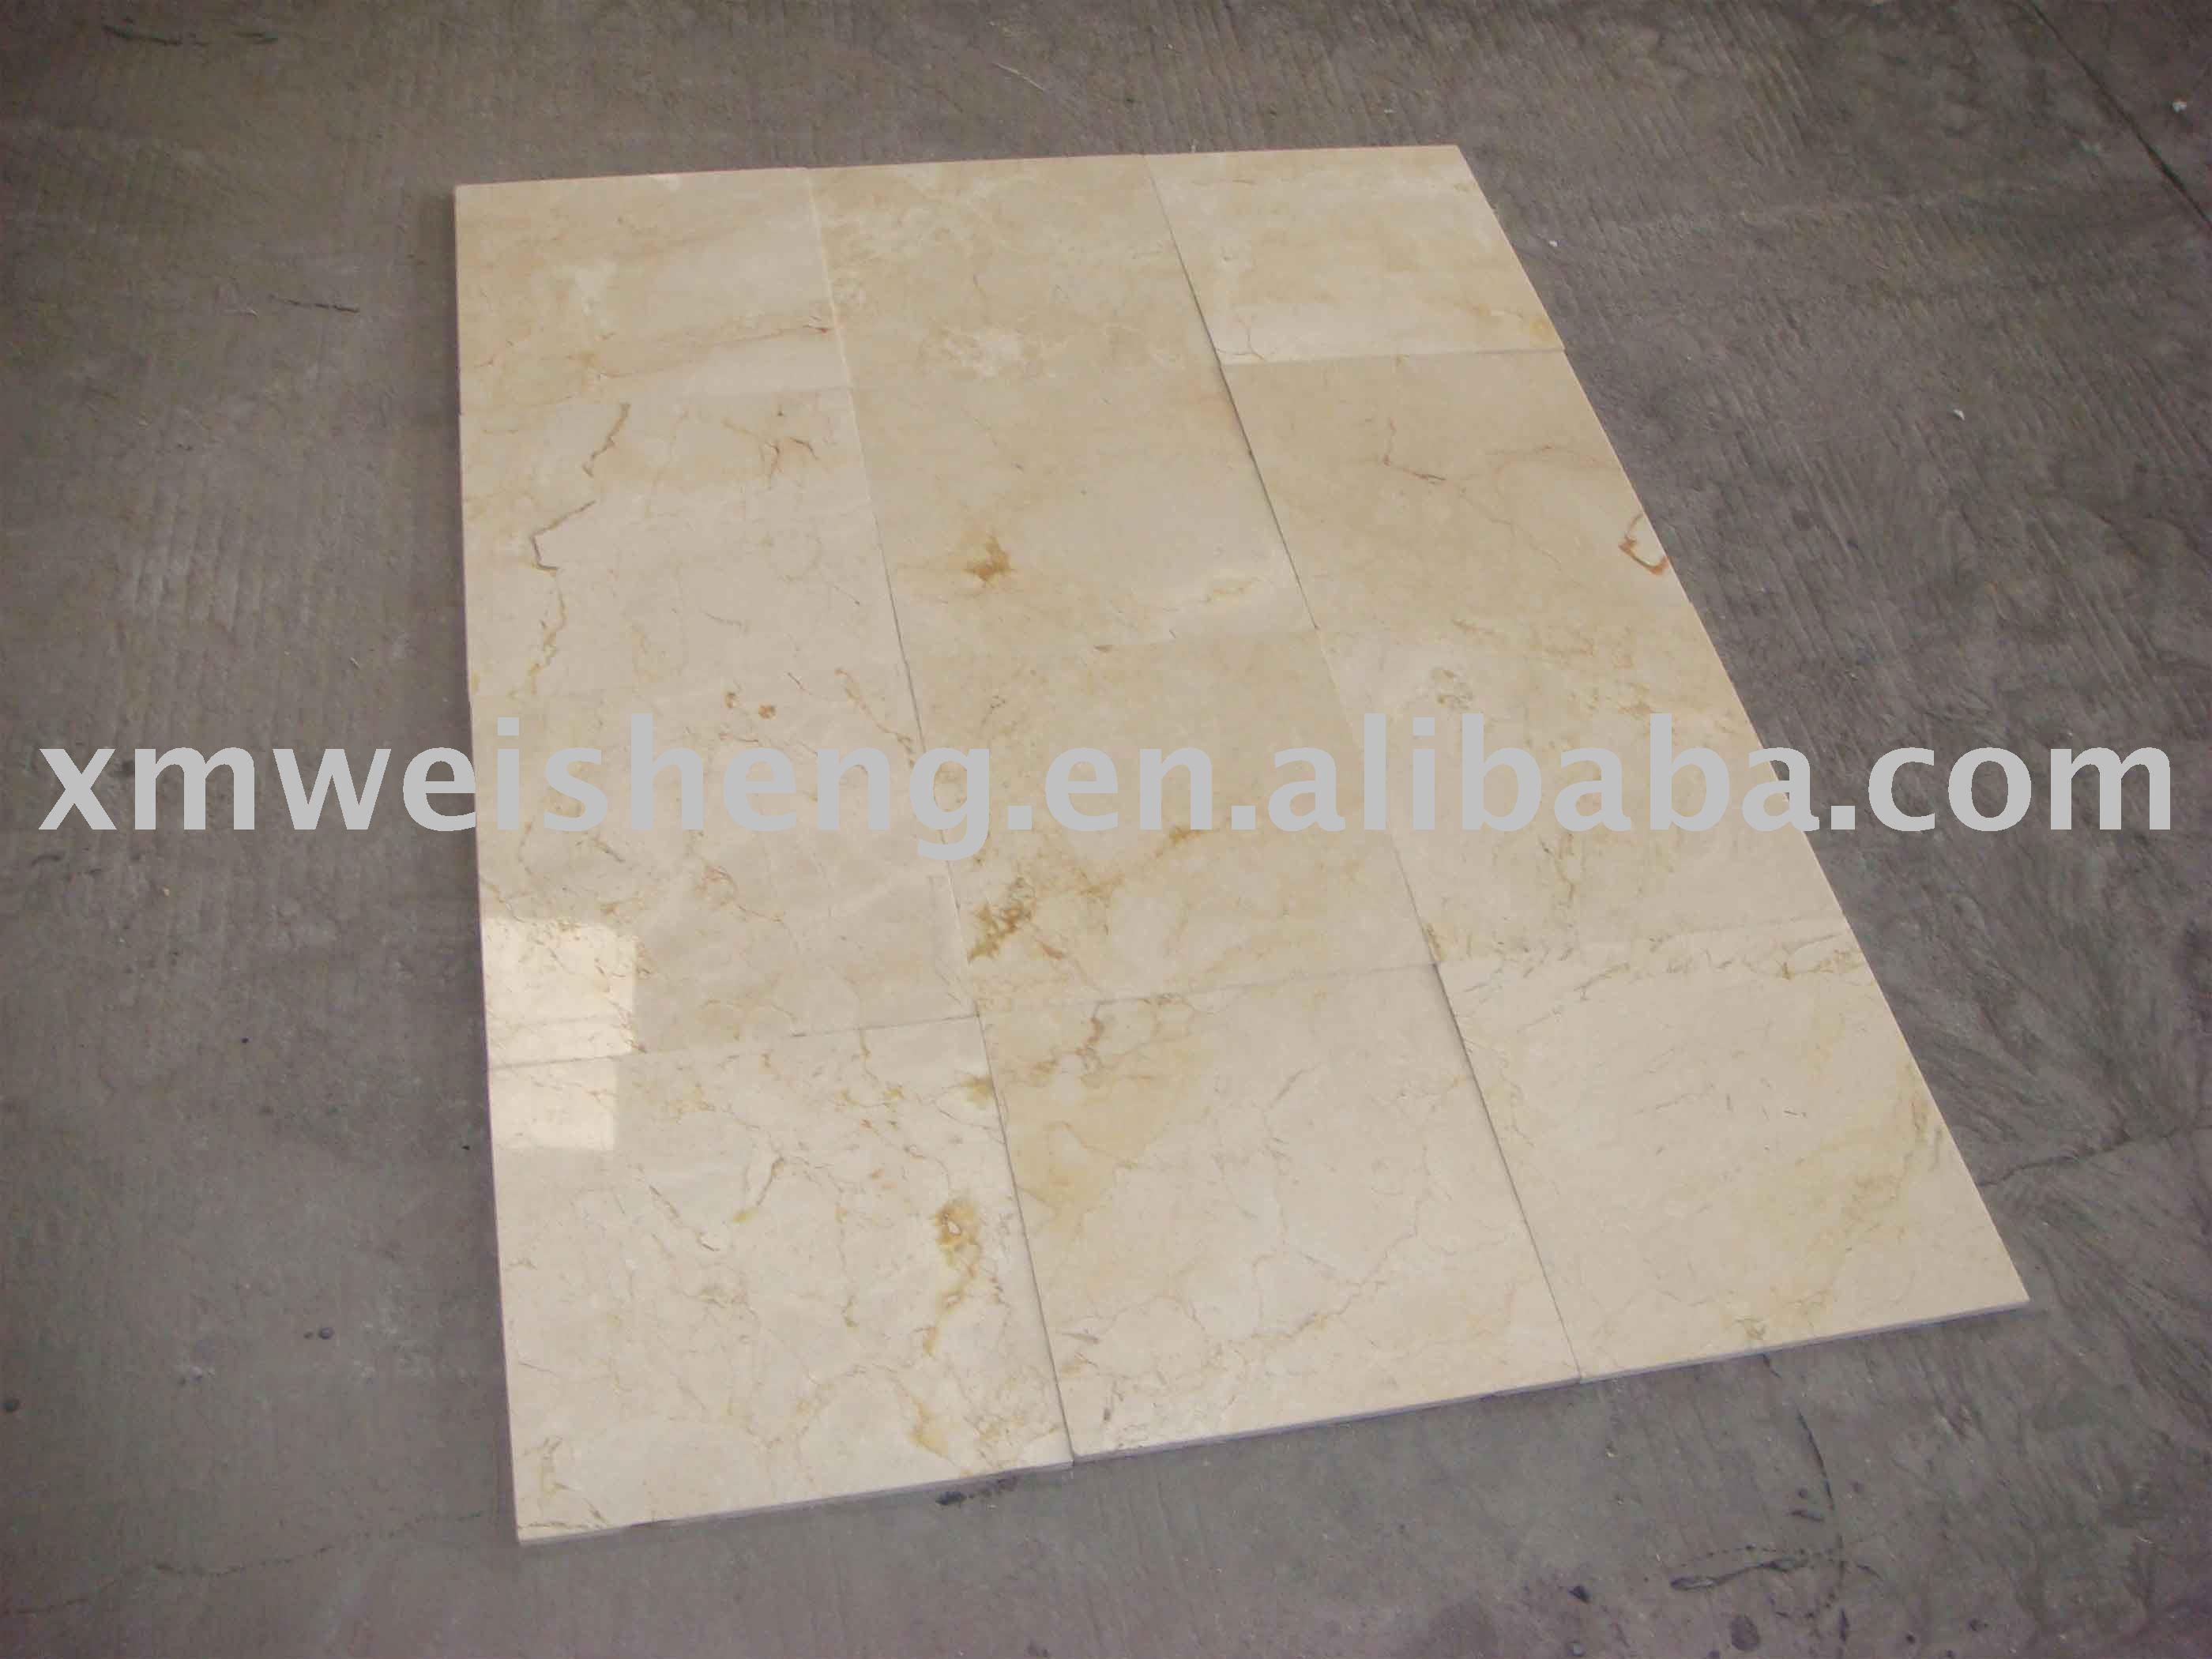 carreaux de marbre beige tuiles id de produit 224397952. Black Bedroom Furniture Sets. Home Design Ideas